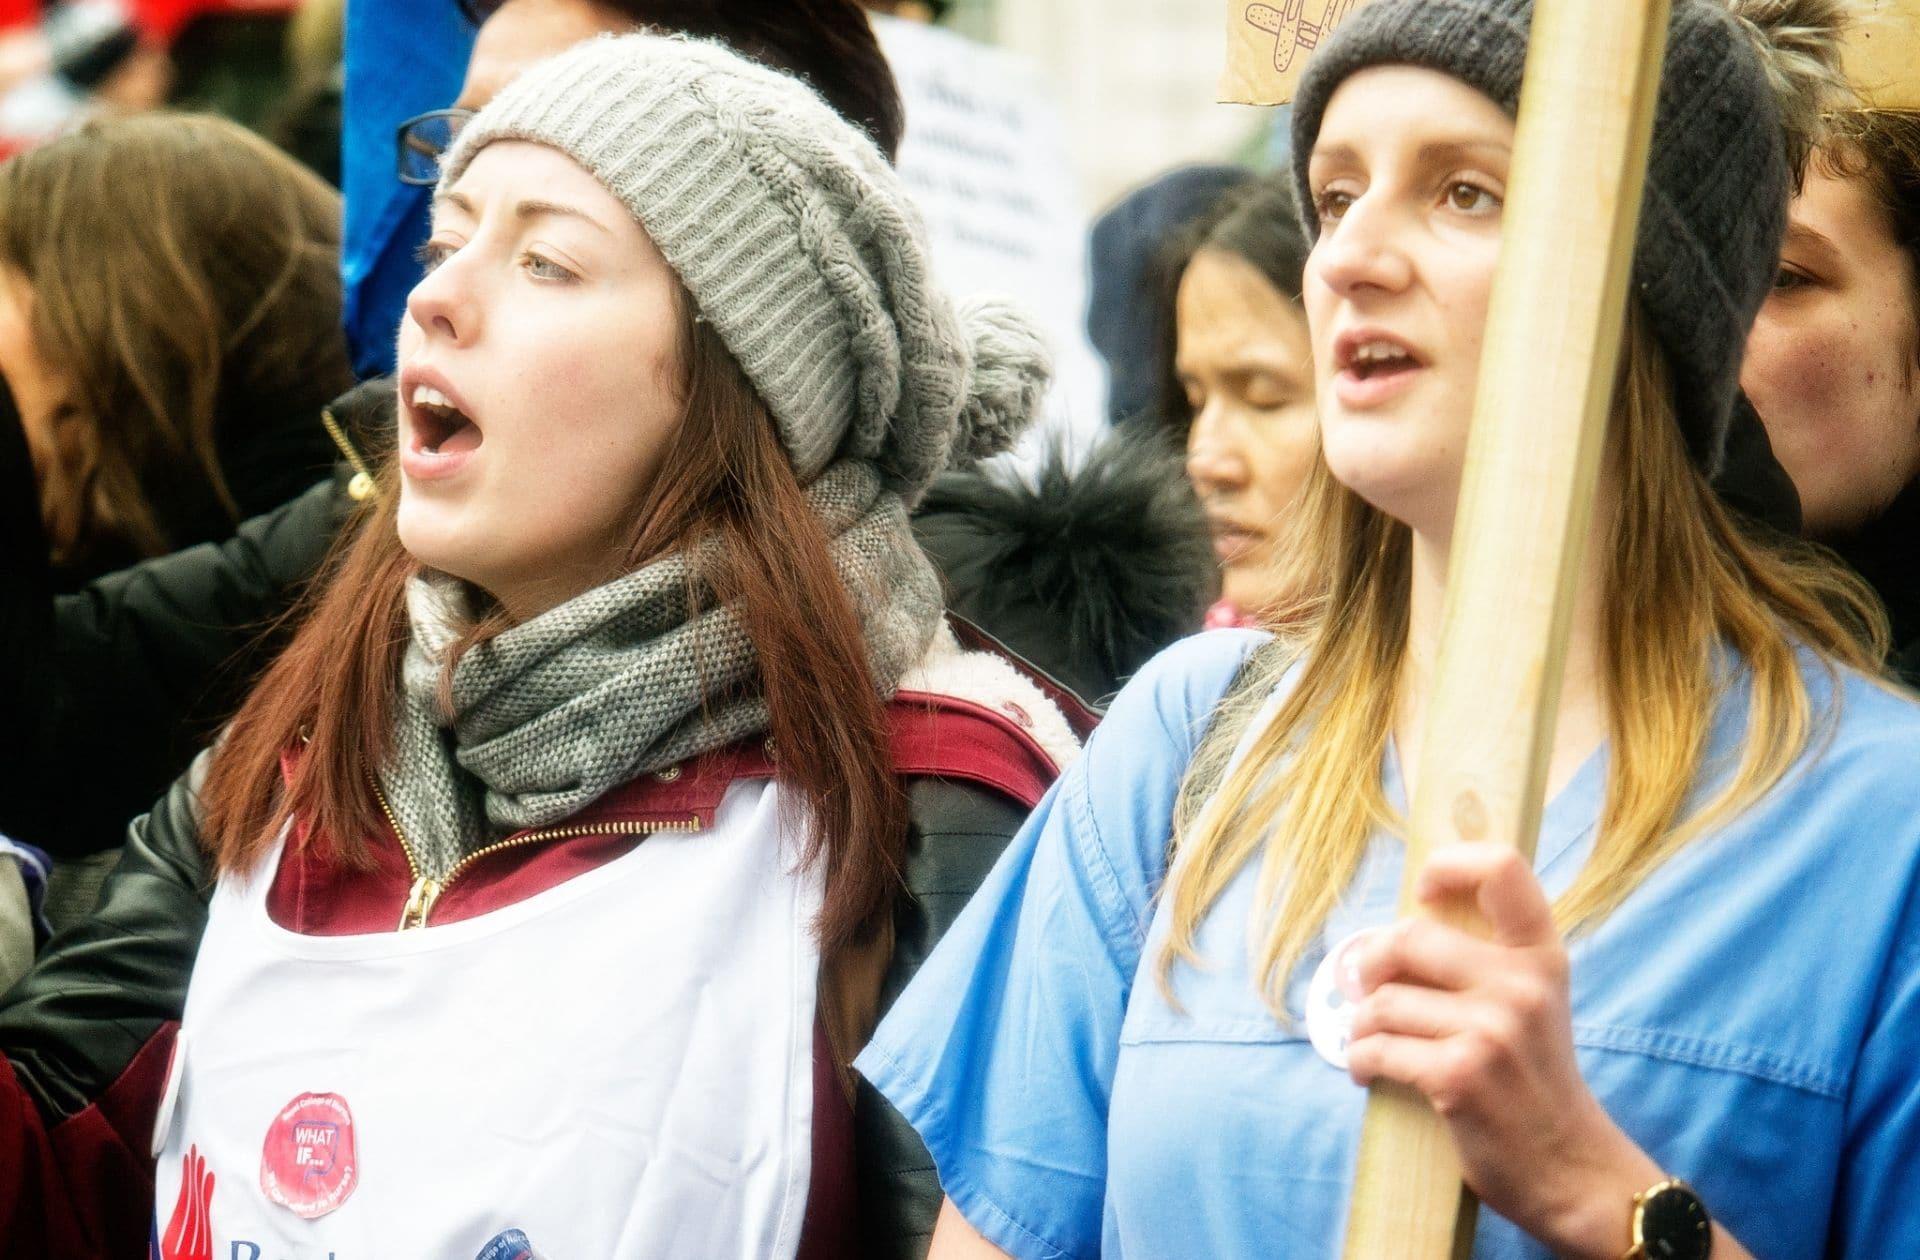 Pourquoi on devrait toutes soutenir la grève des sages-femmes, mal payées et en sous-effectifs